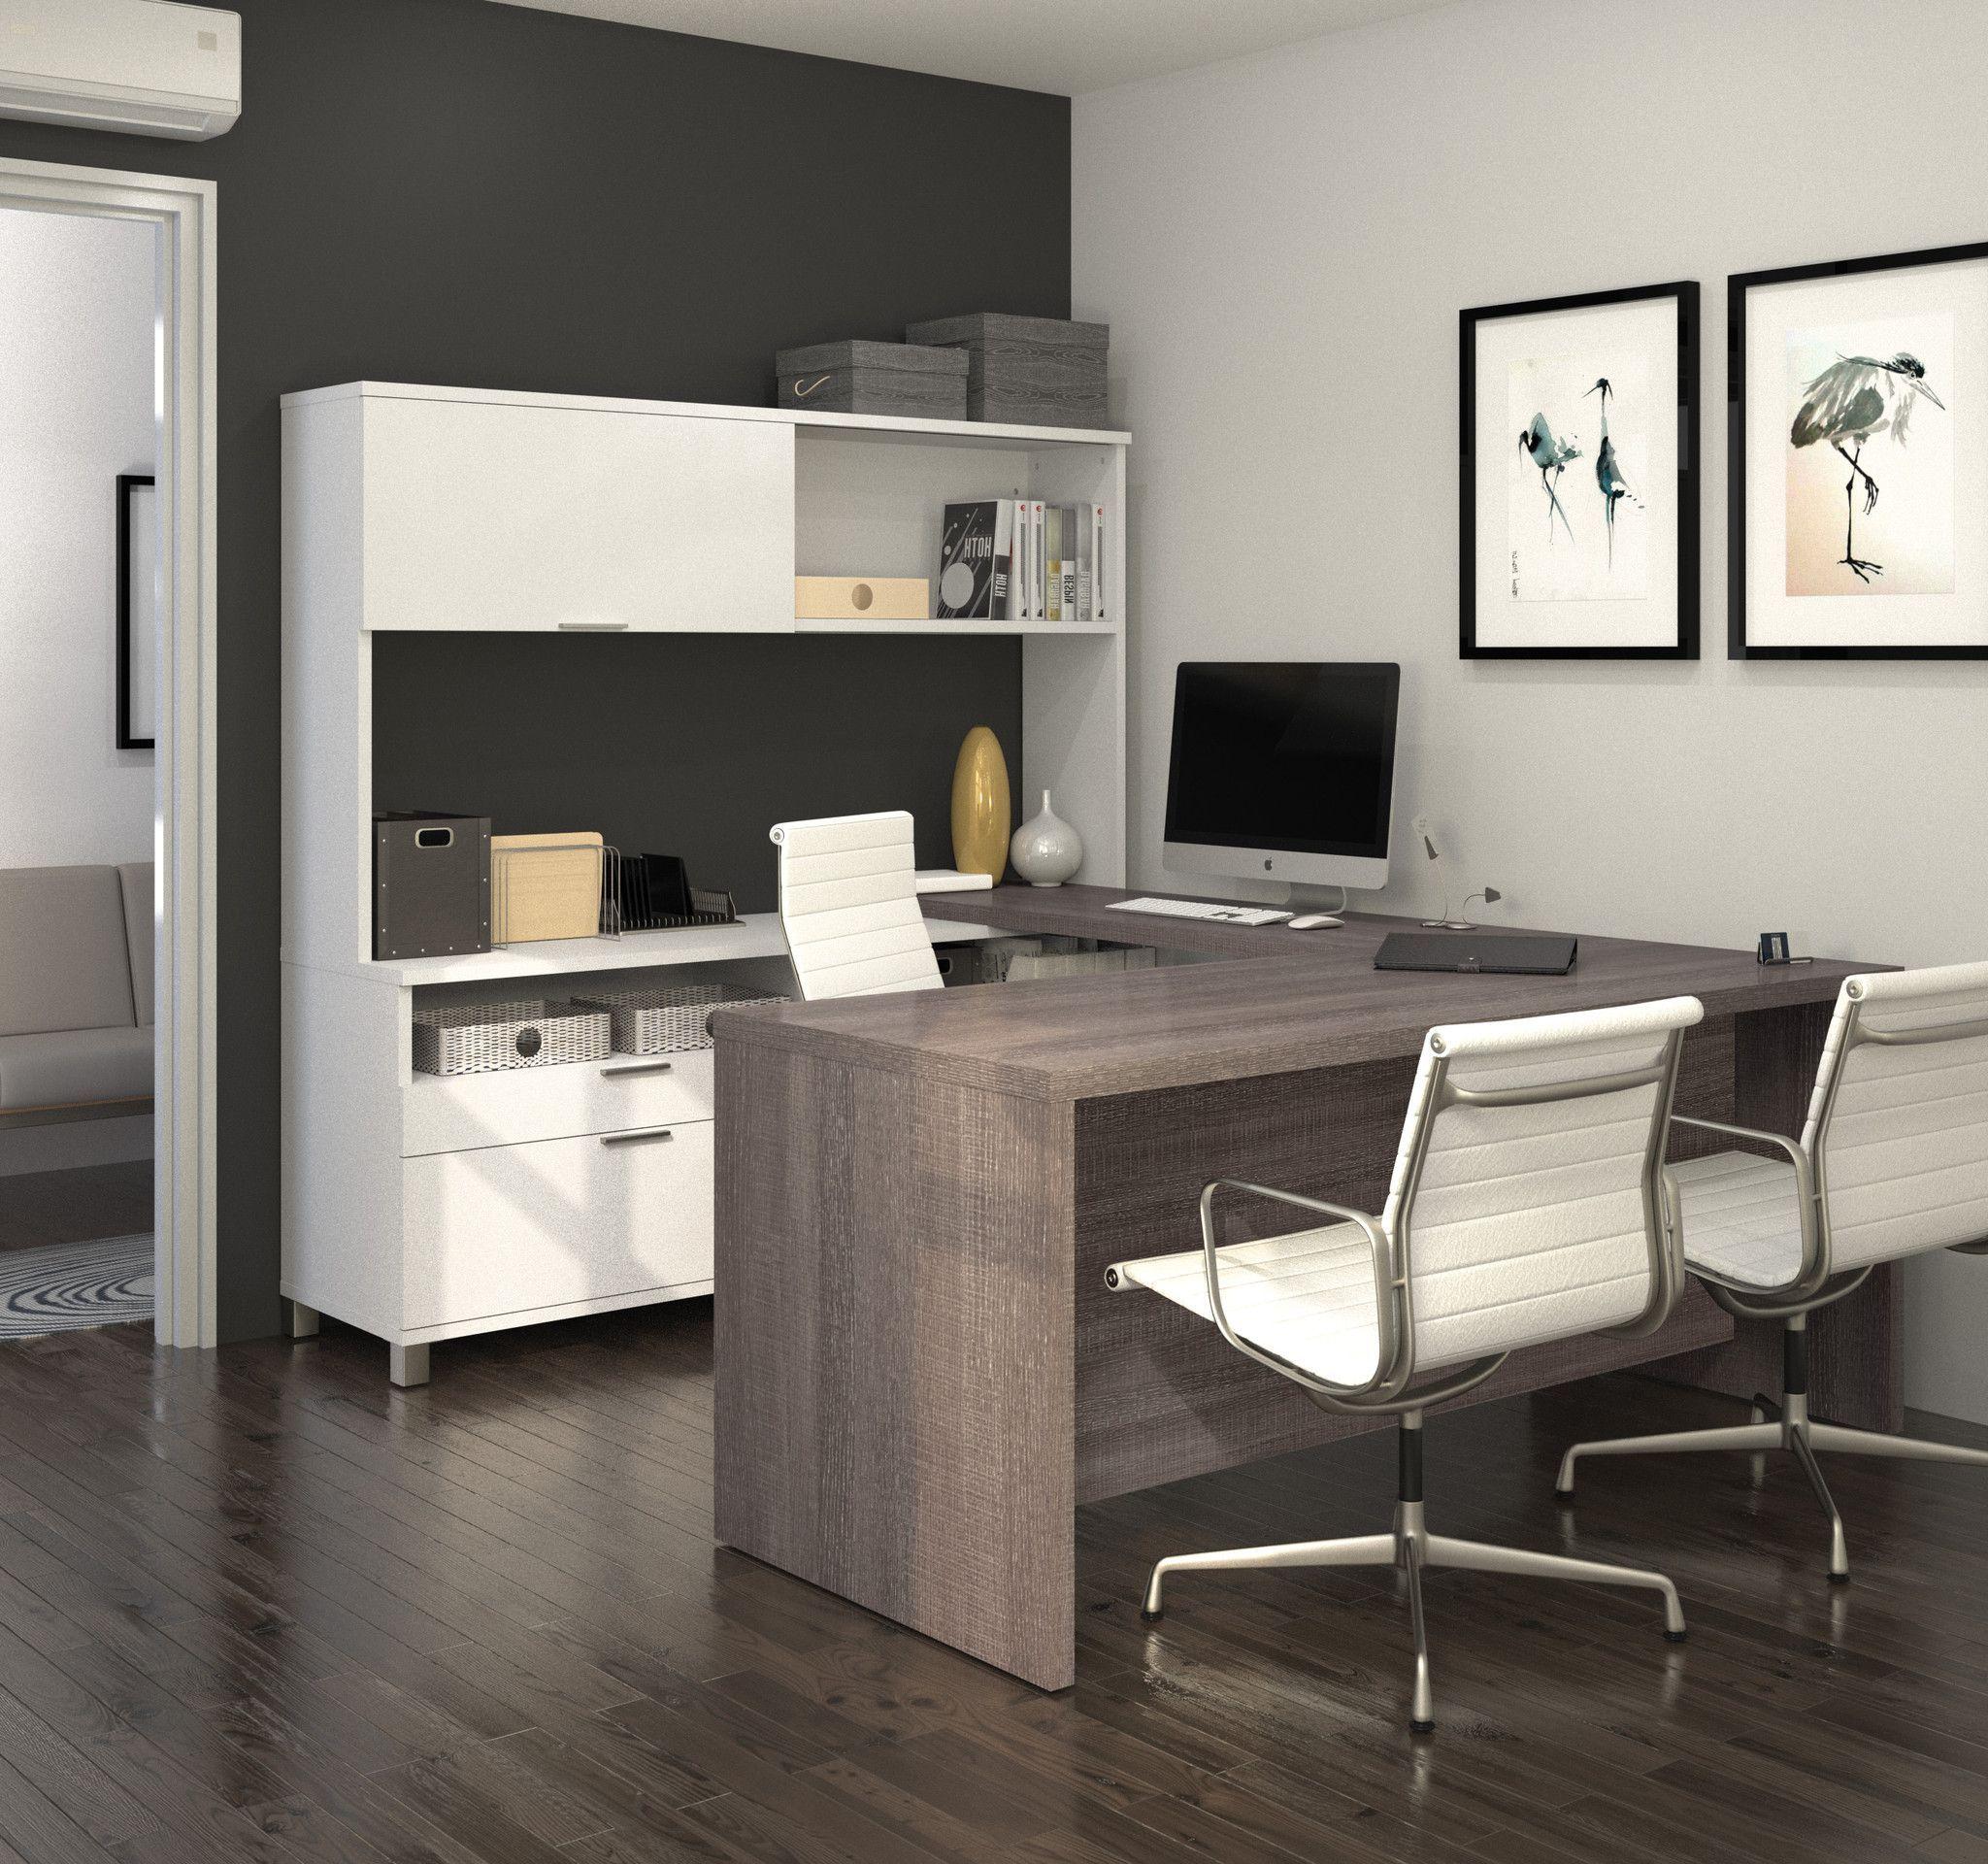 Pin On Office Idea